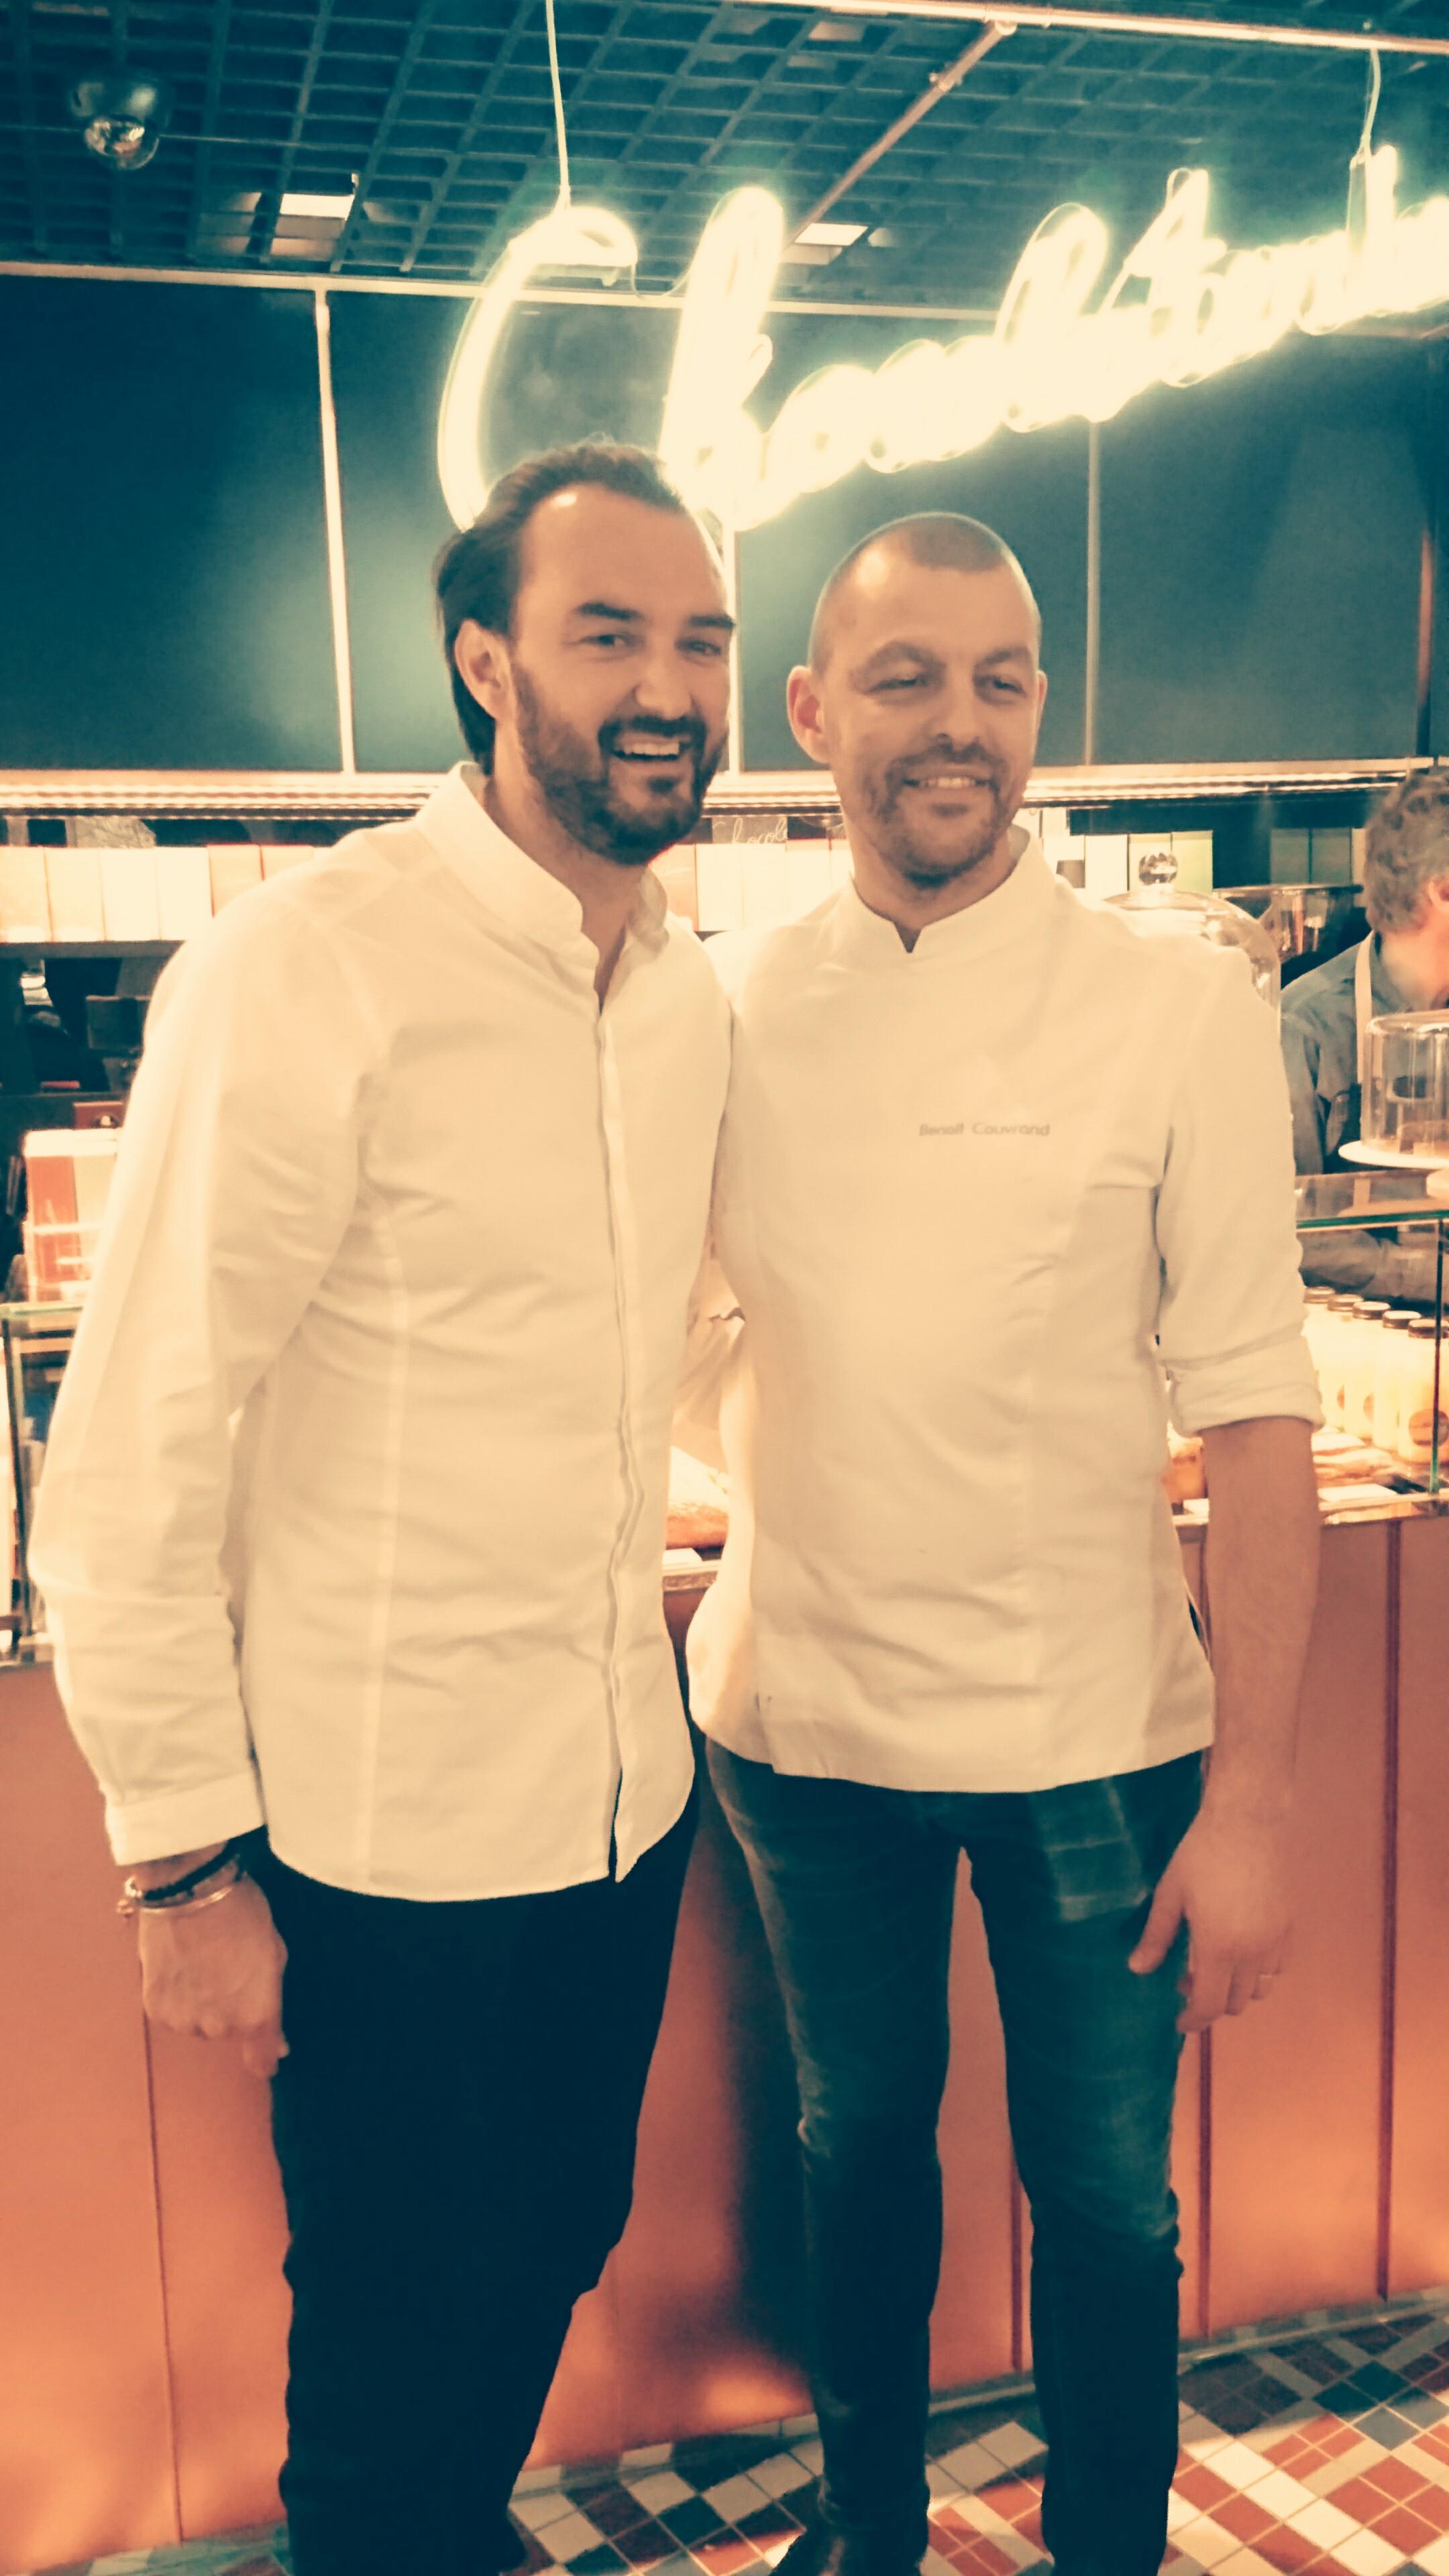 Cyril Lignac et Benoît Couvrand inaugurent la Chocolaterie (Paris 11)_© Clémence Rouyer